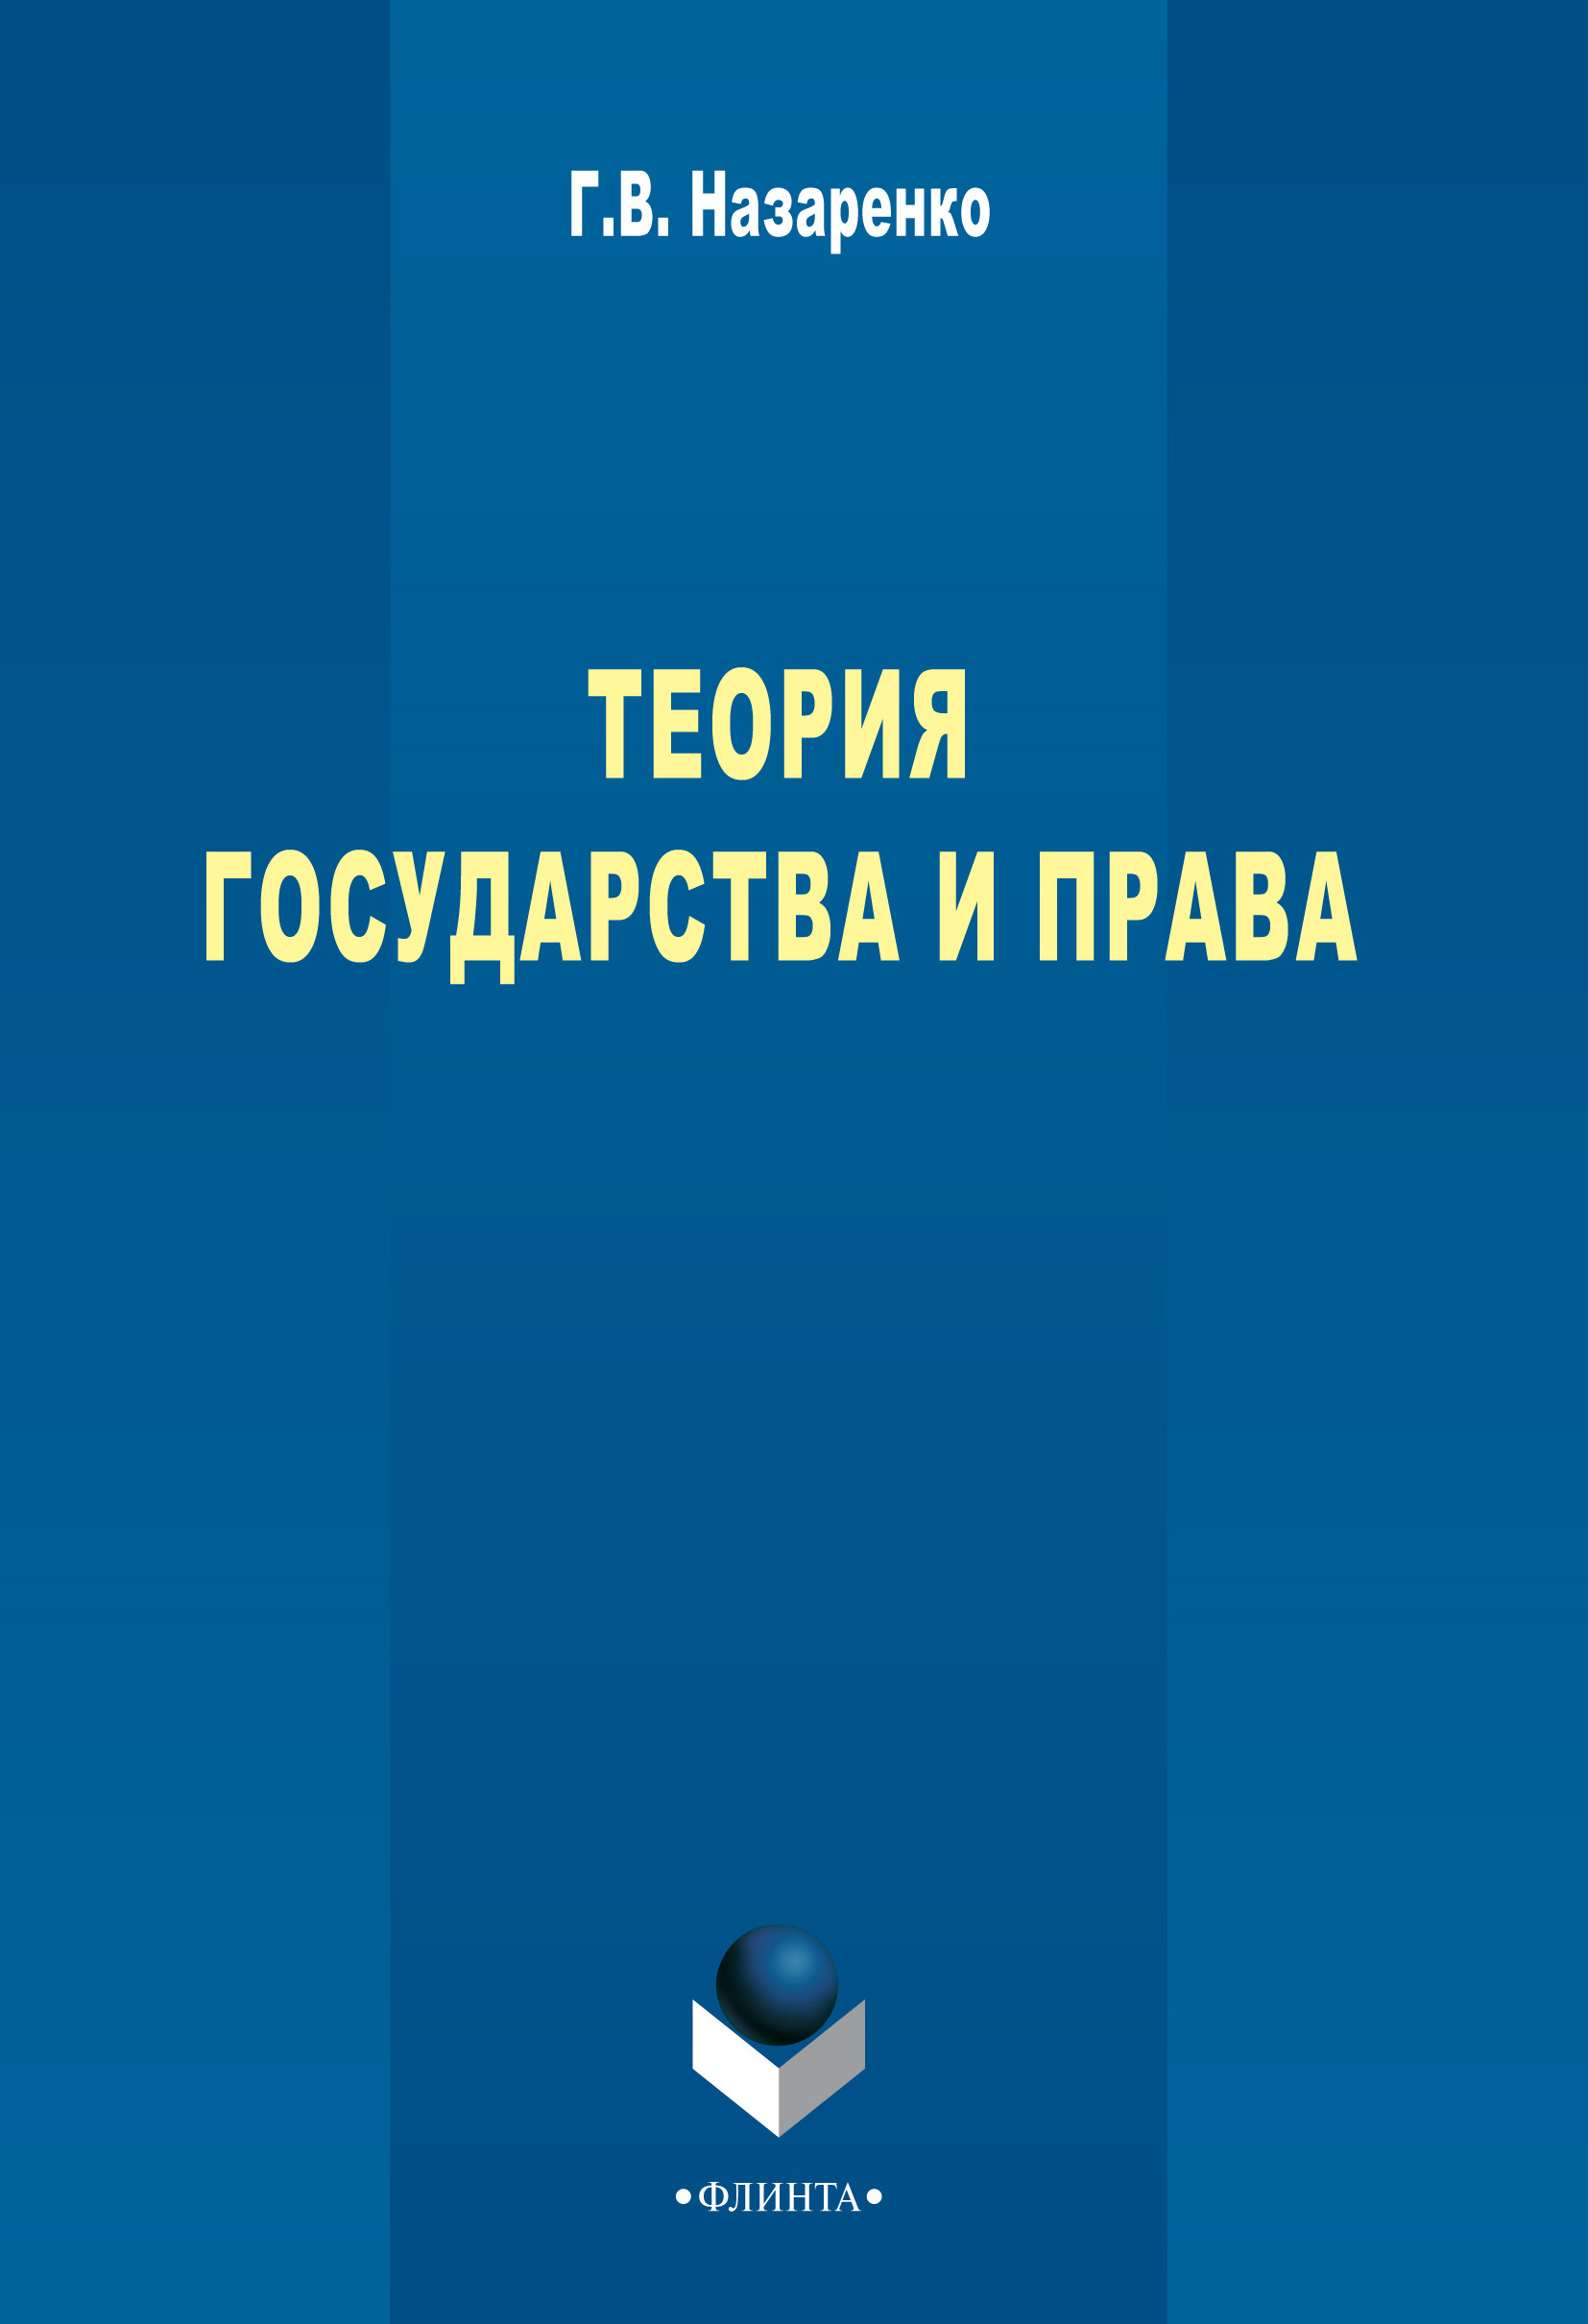 купить Г. В. Назаренко Теория государства и права: учебный курс по цене 155 рублей